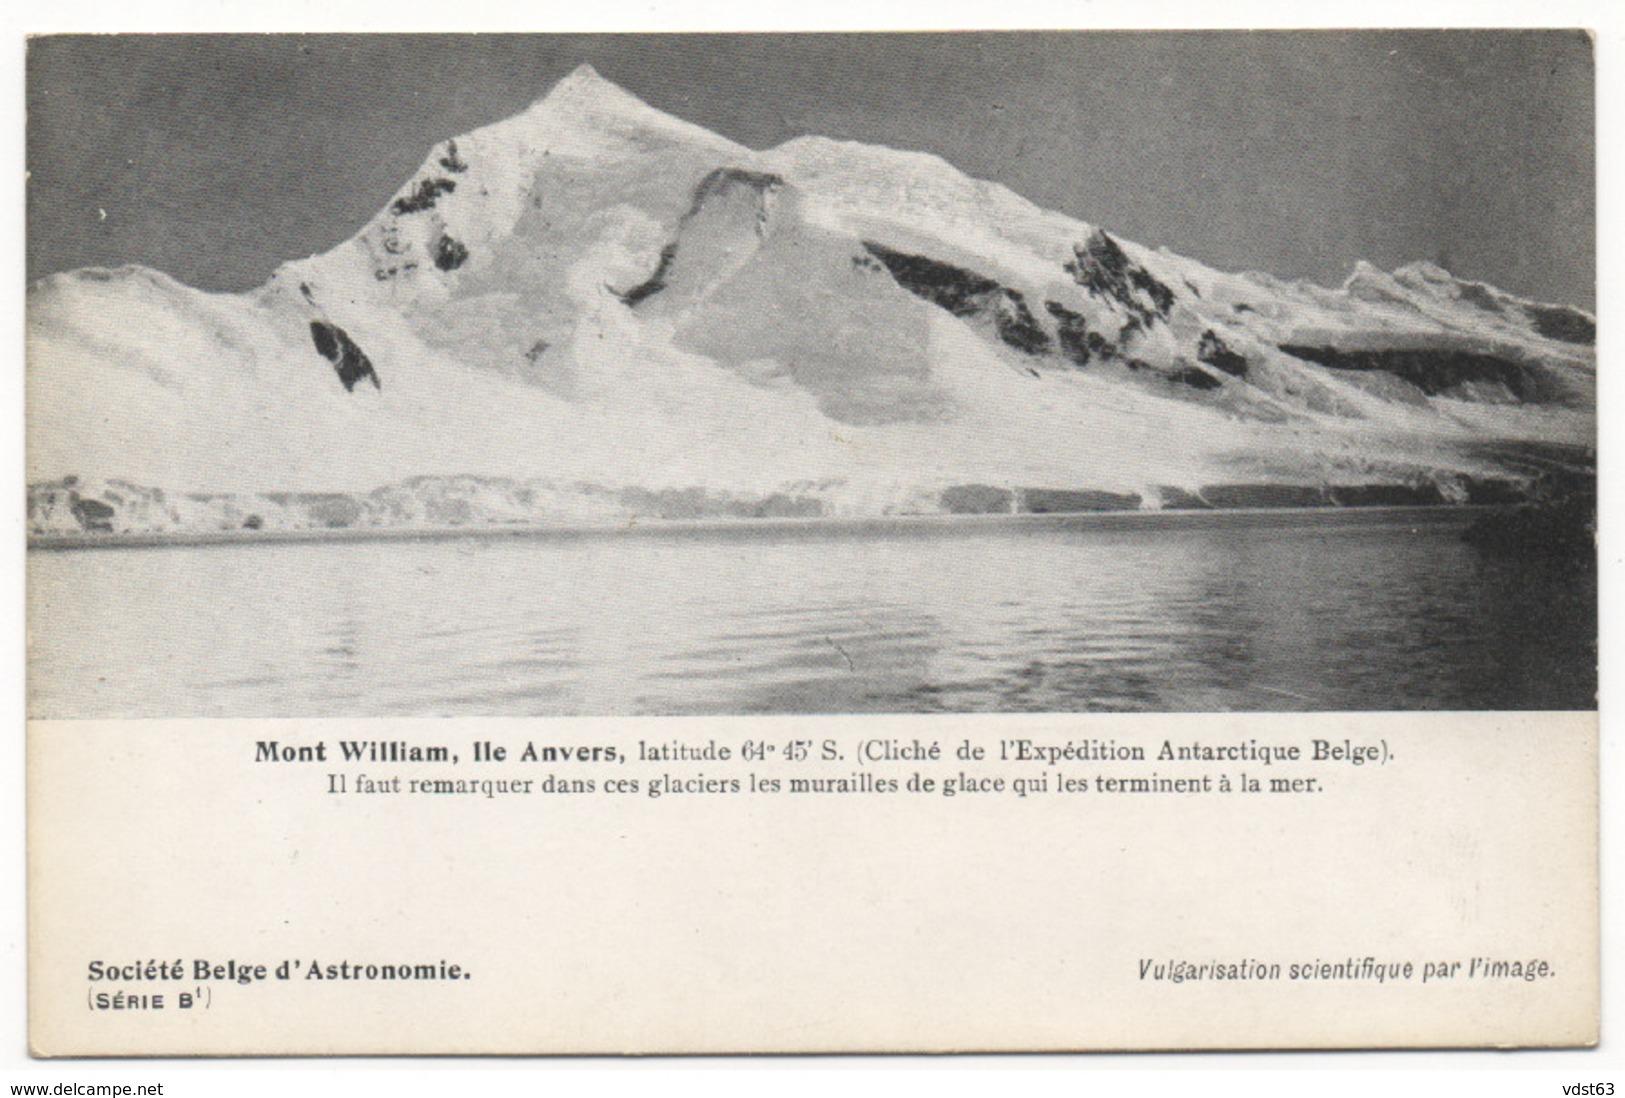 EXPEDITION ANTARCTIQUE BELGE Commandant CHARCOT 1903 MONT WILLIAM ILE D'ANVERS GLACIER - Missions